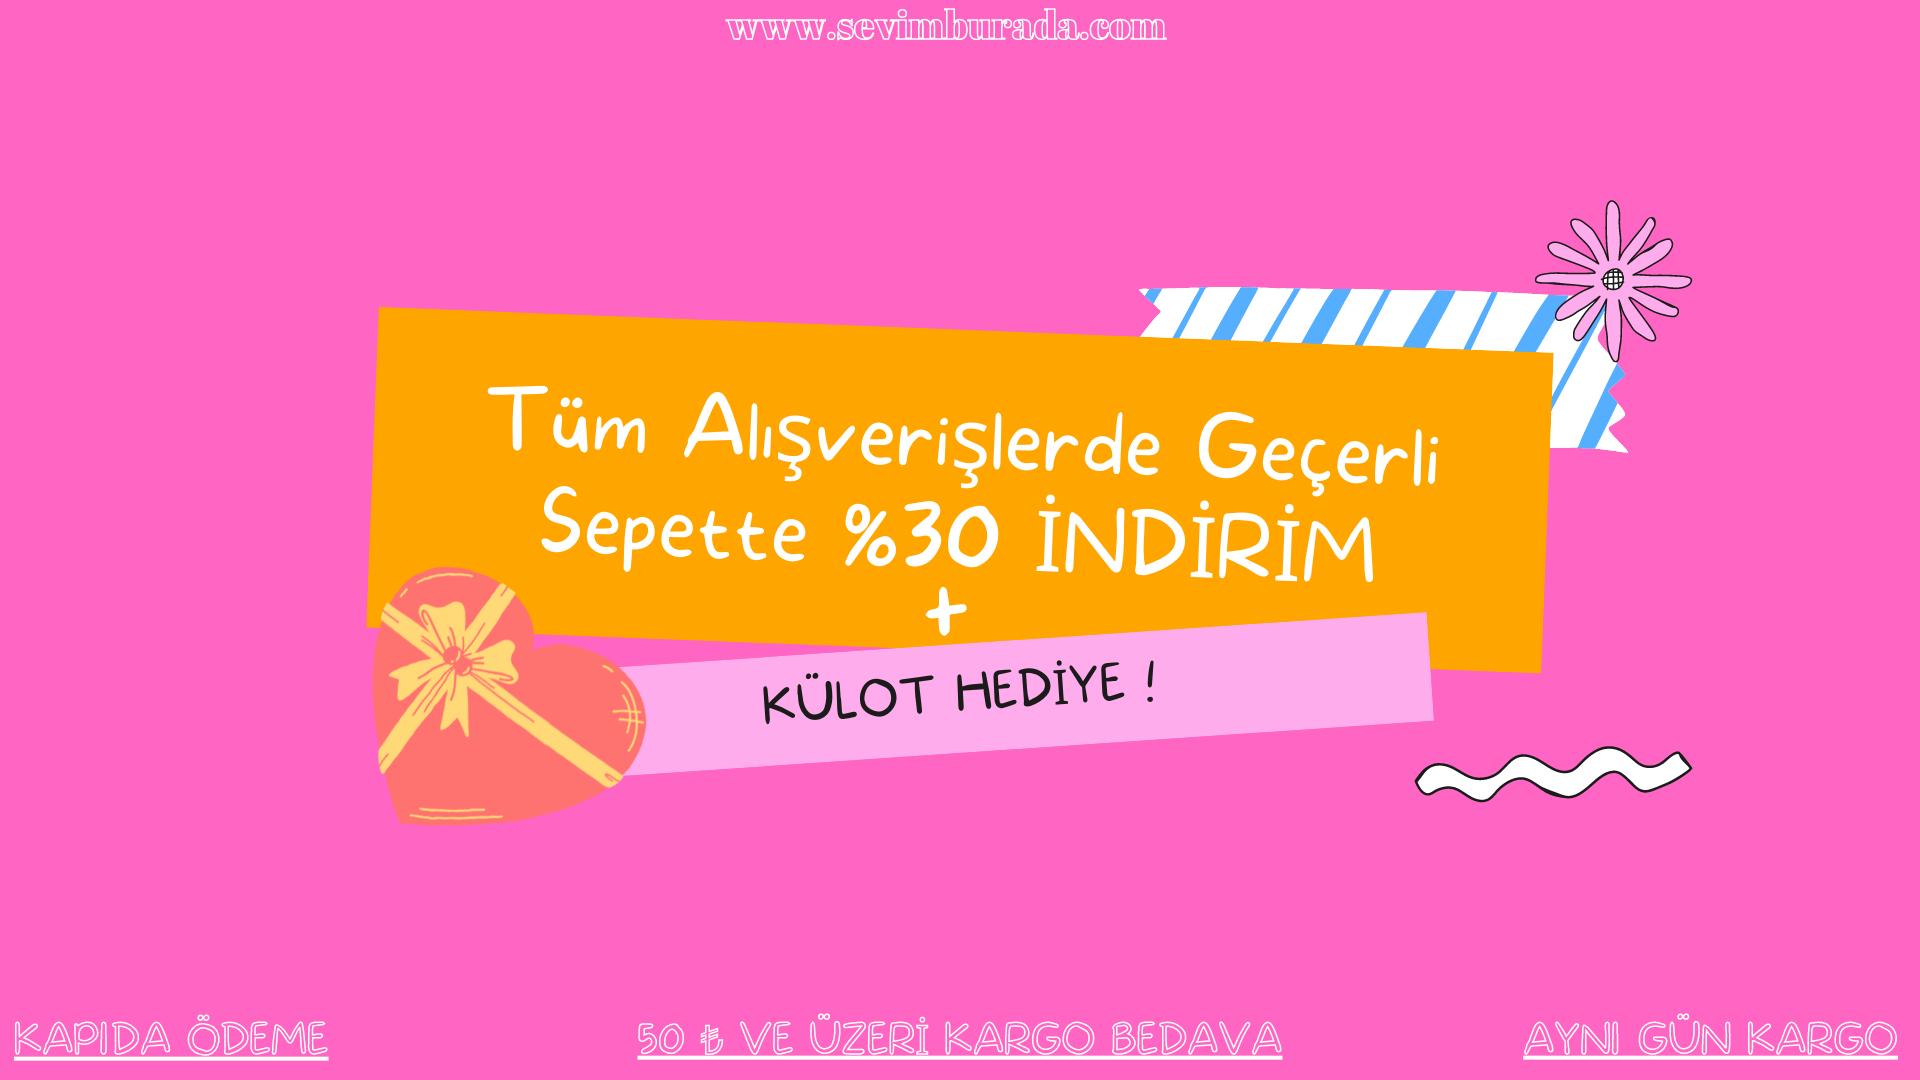 banner 19.10.png (166 KB)